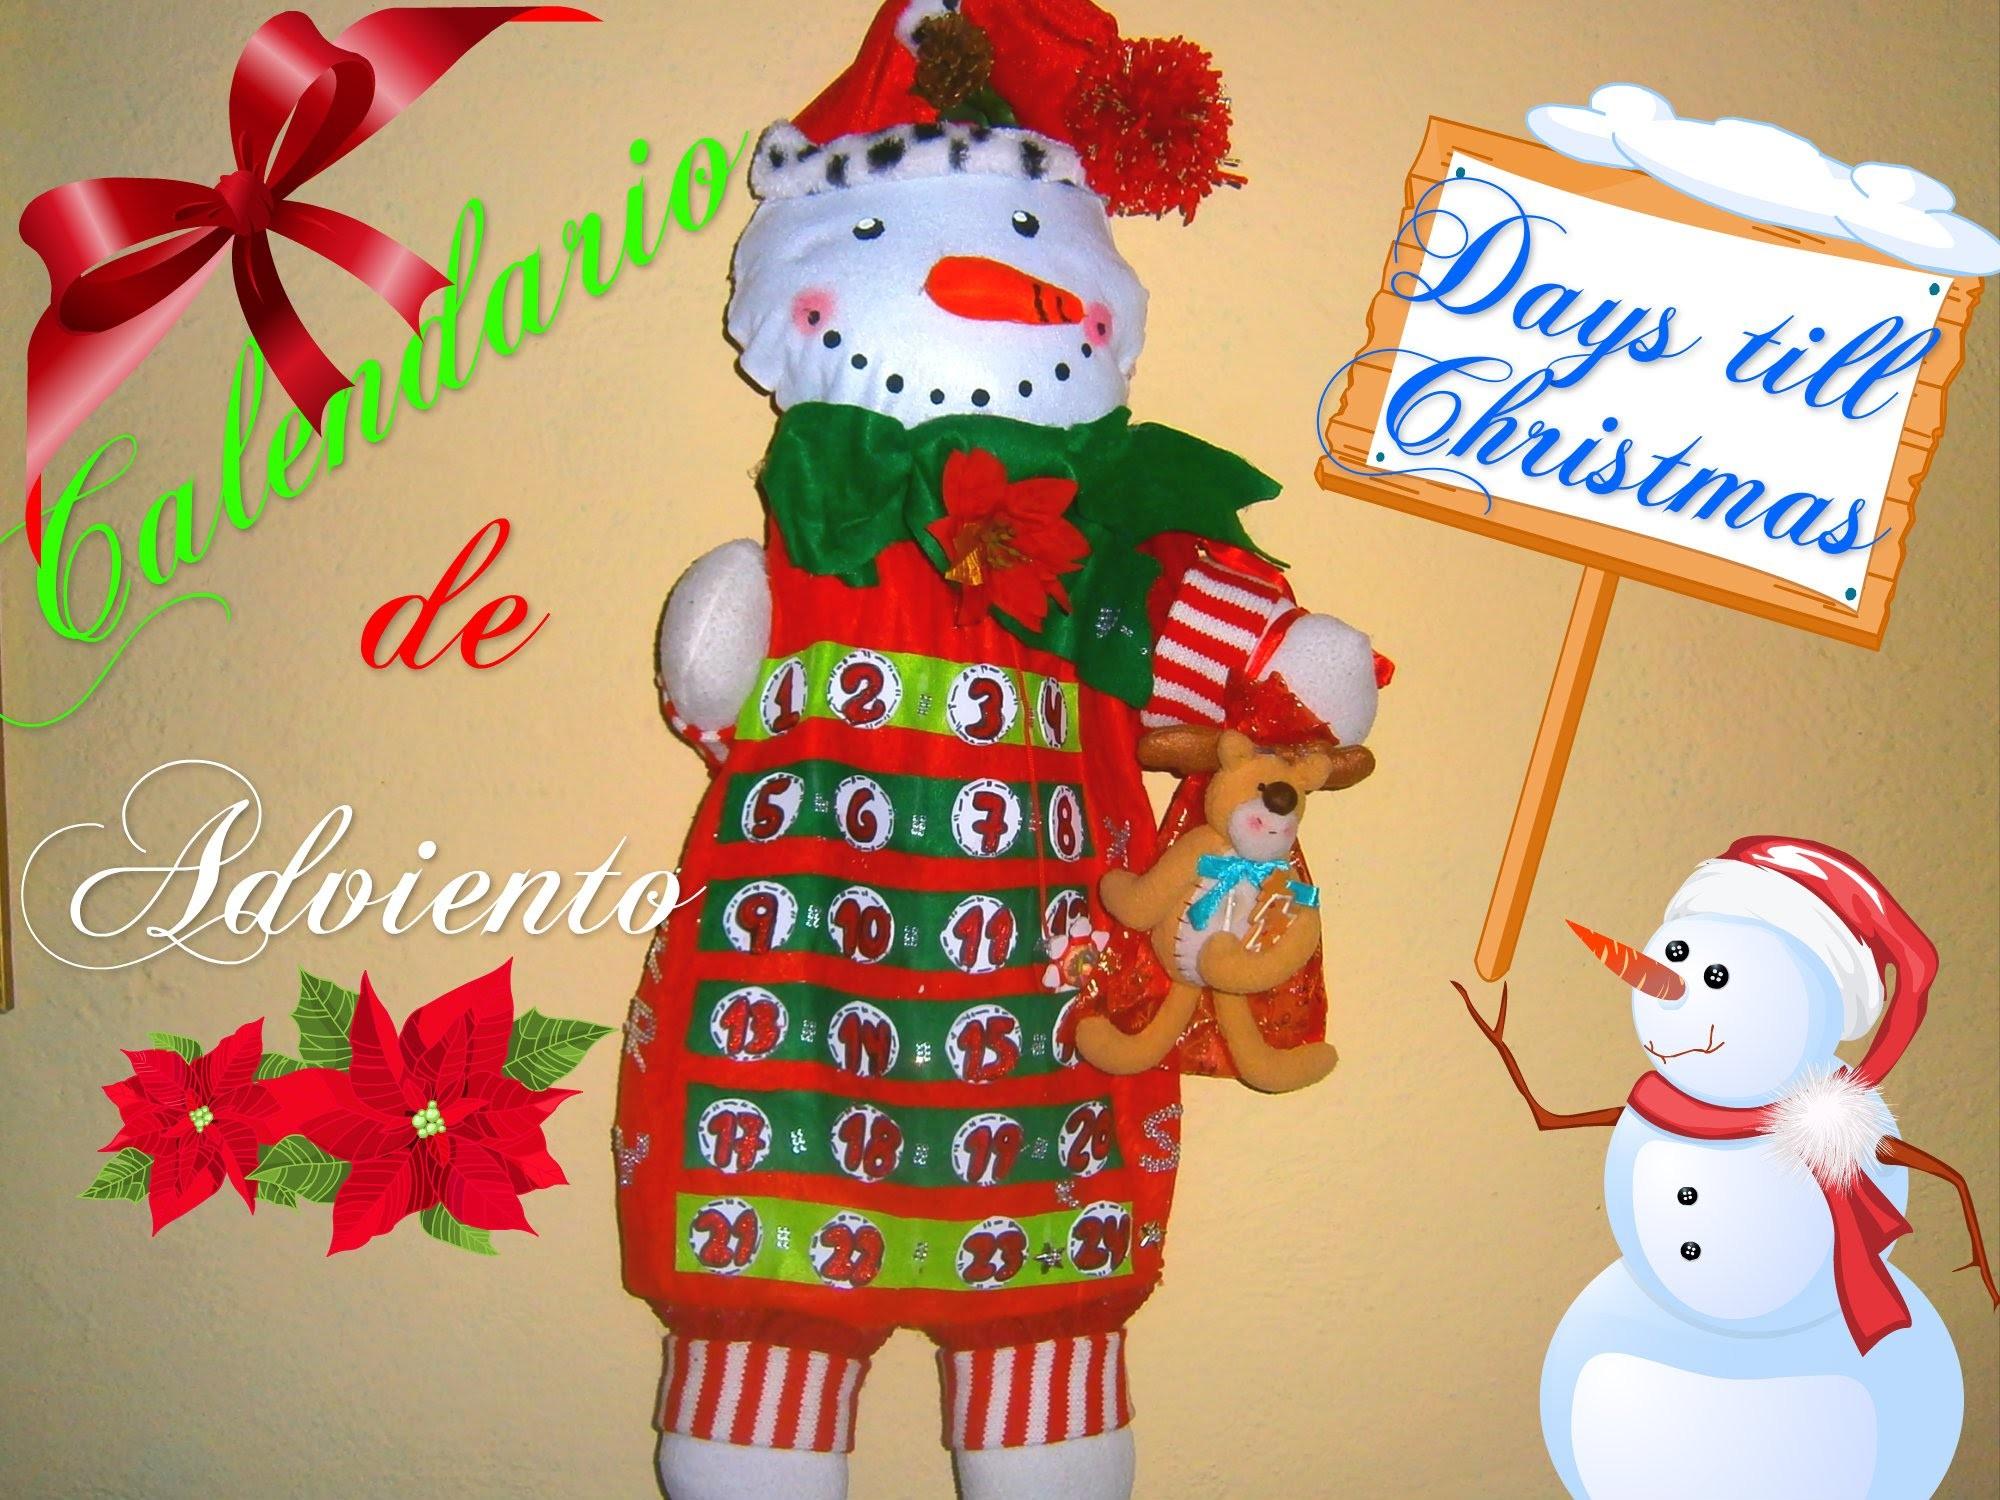 Calendario de Adviento en fieltro (muñeco de Nieve).DIY Holiday Advent Calendar